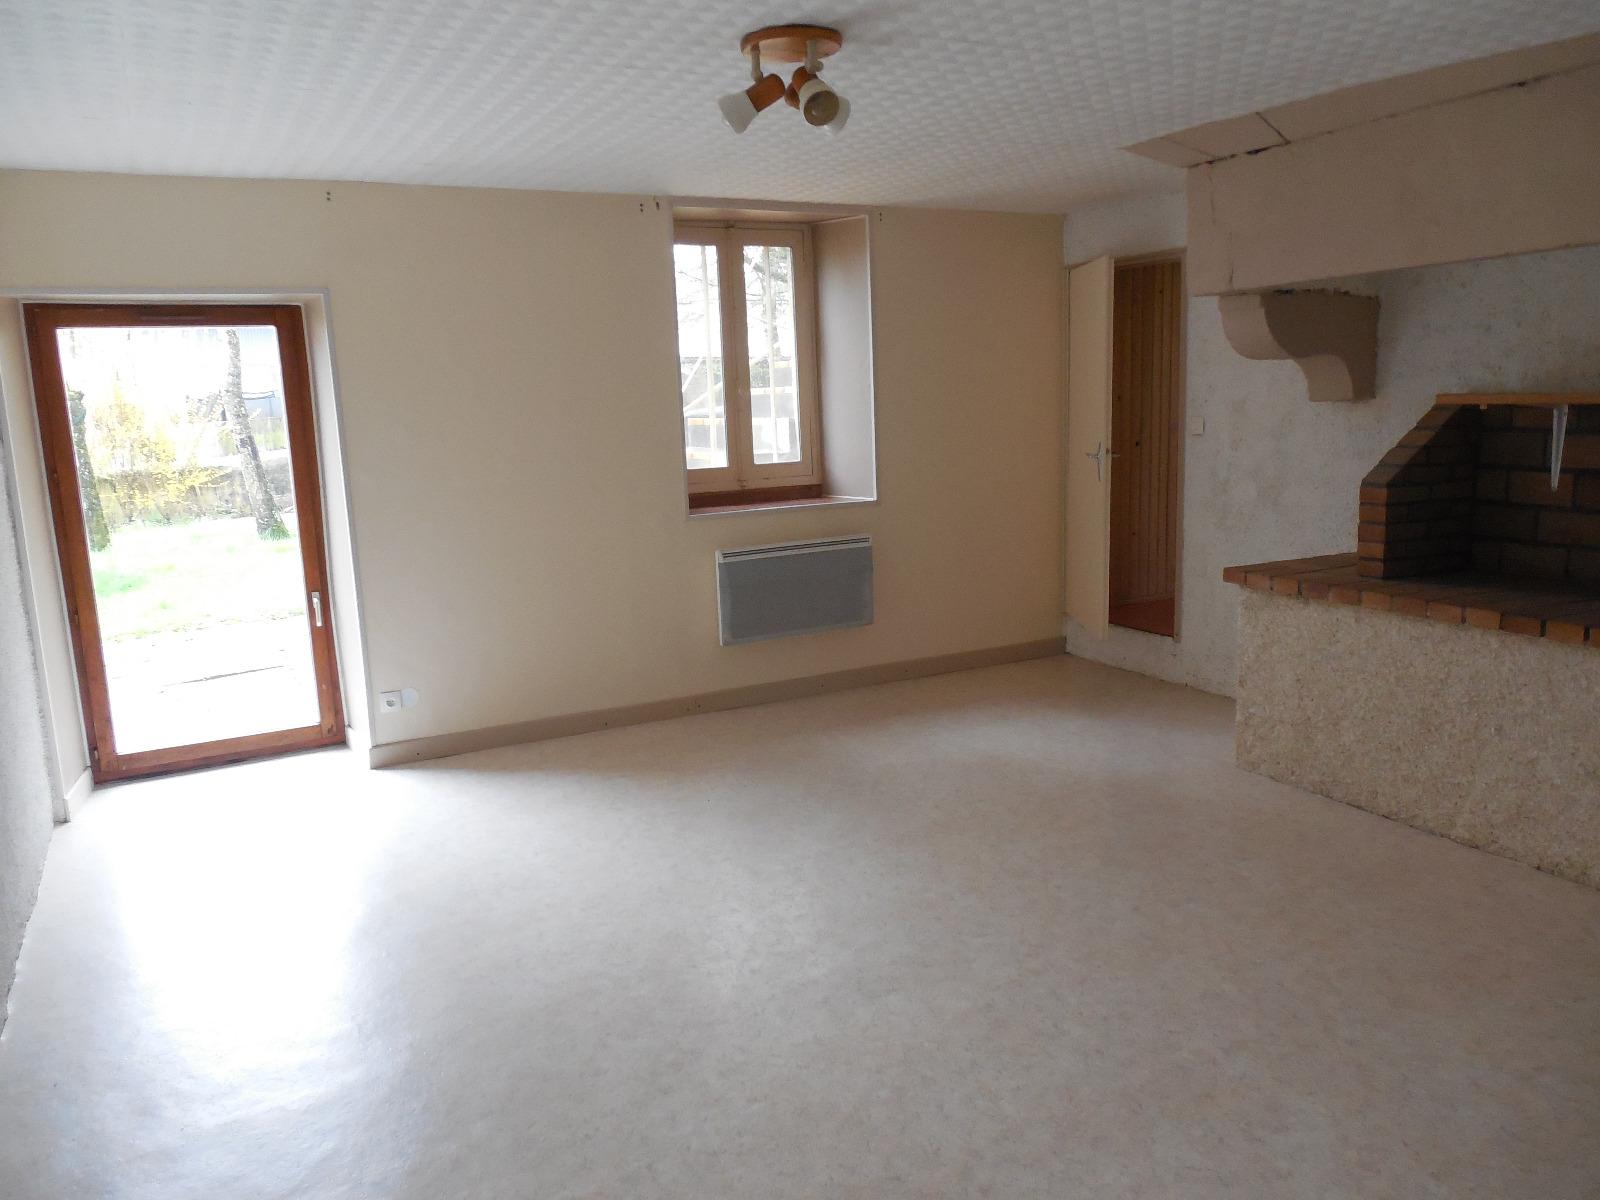 a vendre proche dole appartement en rez de jardin 5 pieces 87 m 3d immobilier. Black Bedroom Furniture Sets. Home Design Ideas